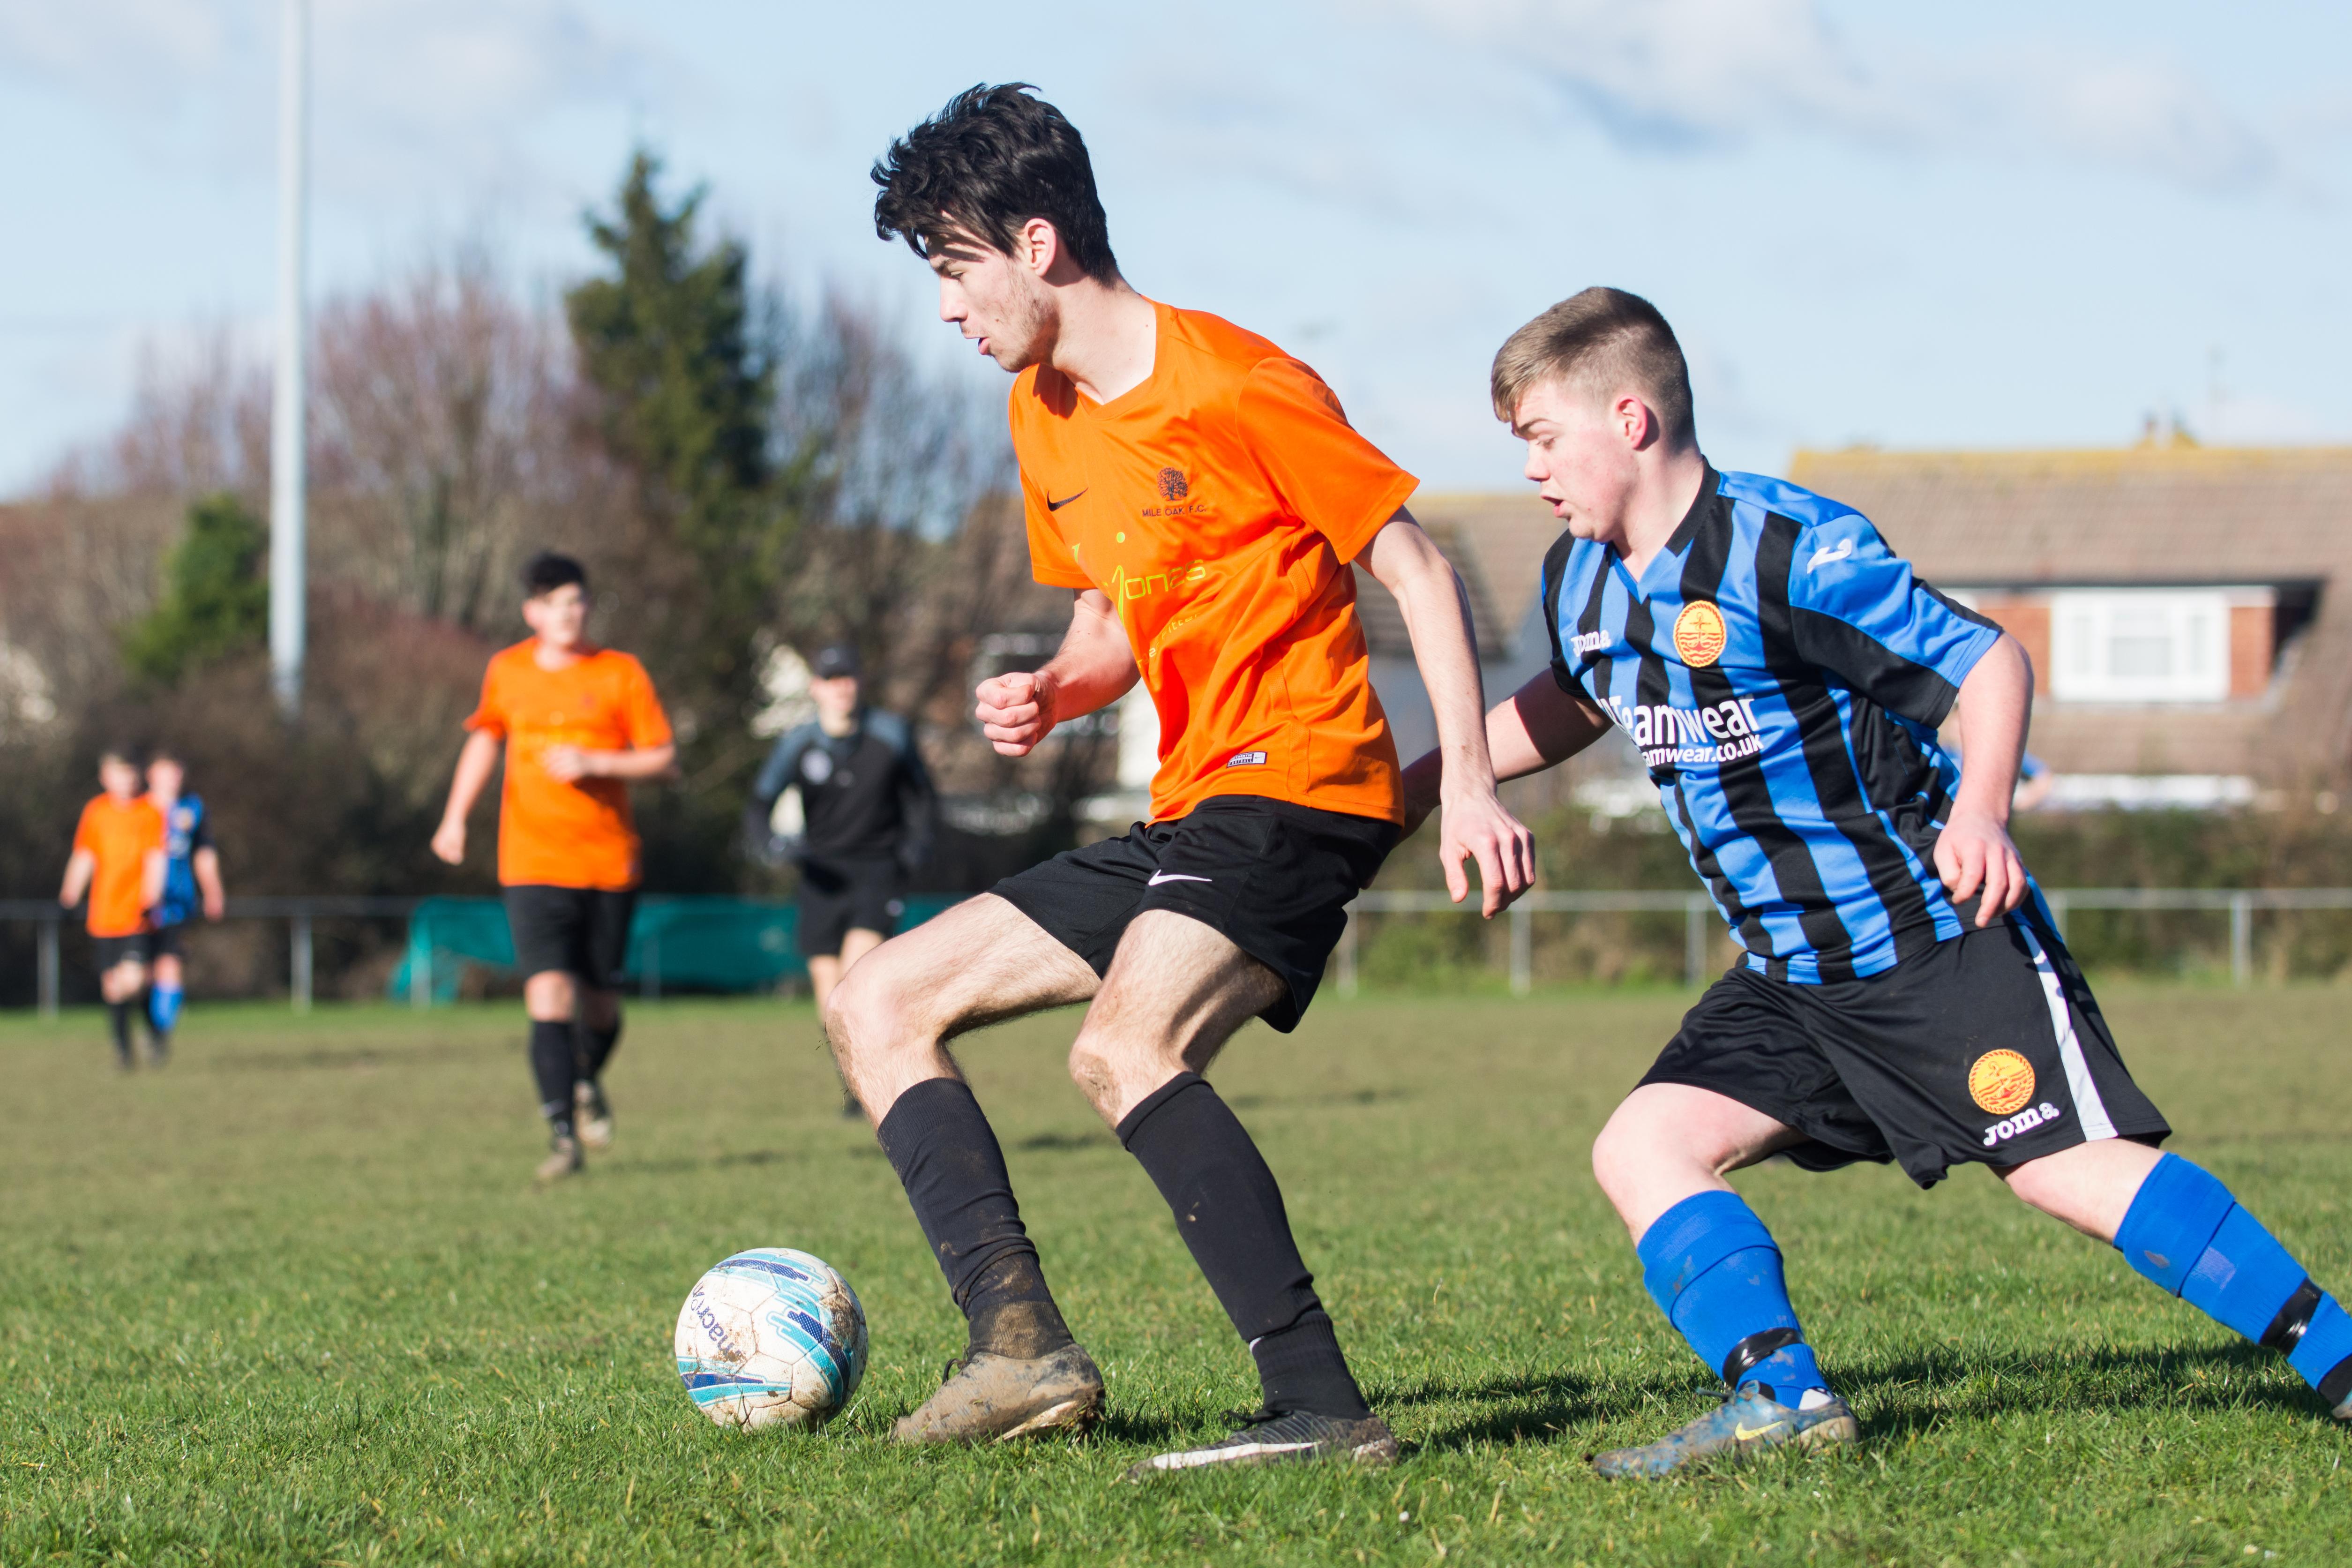 Mile Oak FC U18s vs Newhaven FC U18s 04.02.18 11